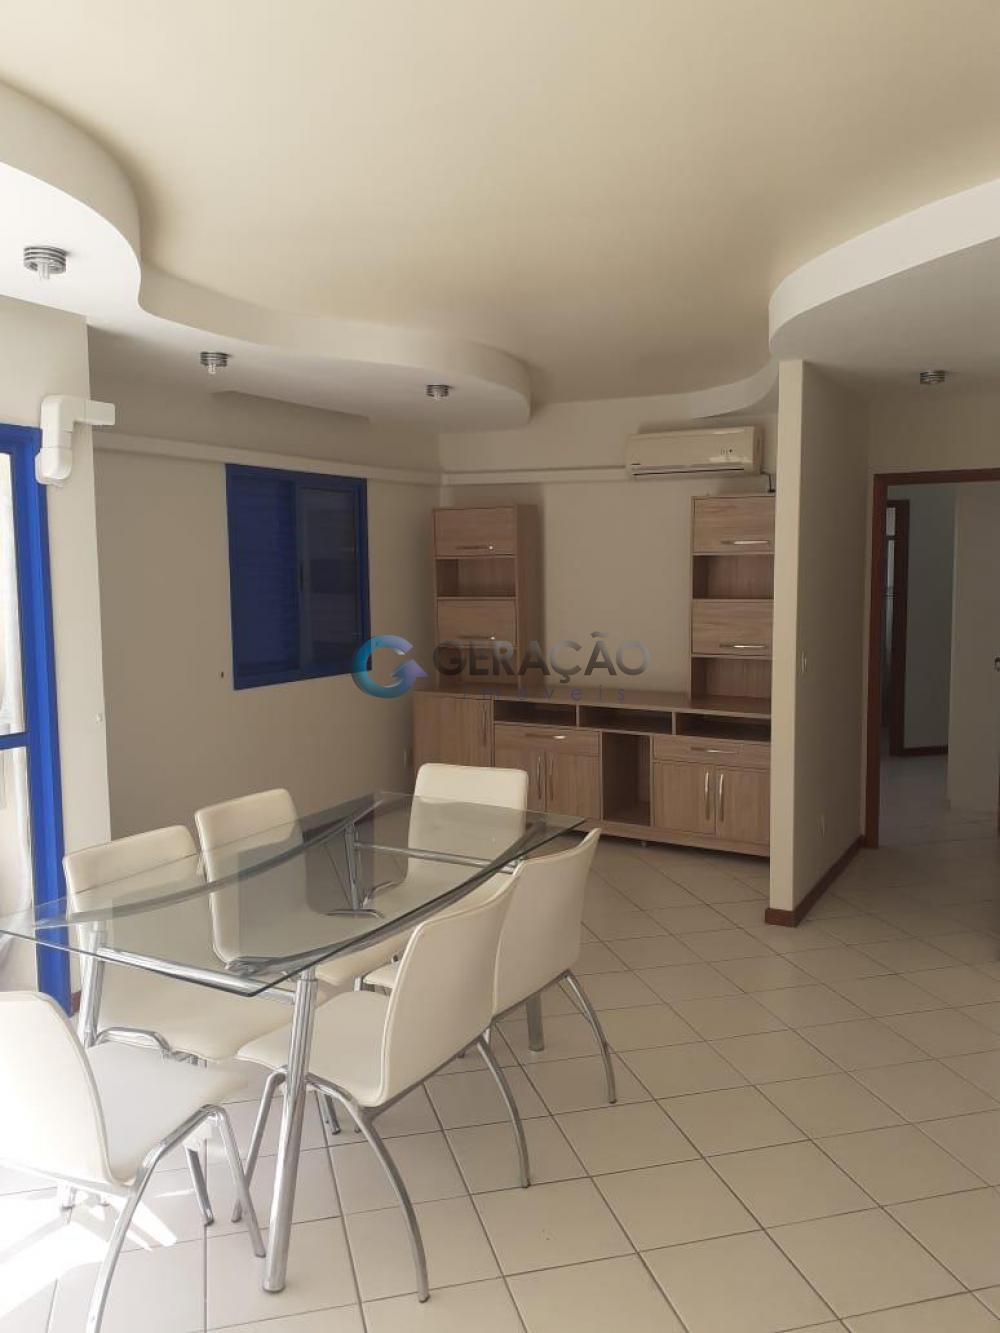 Alugar Apartamento / Padrão em São José dos Campos R$ 1.650,00 - Foto 1